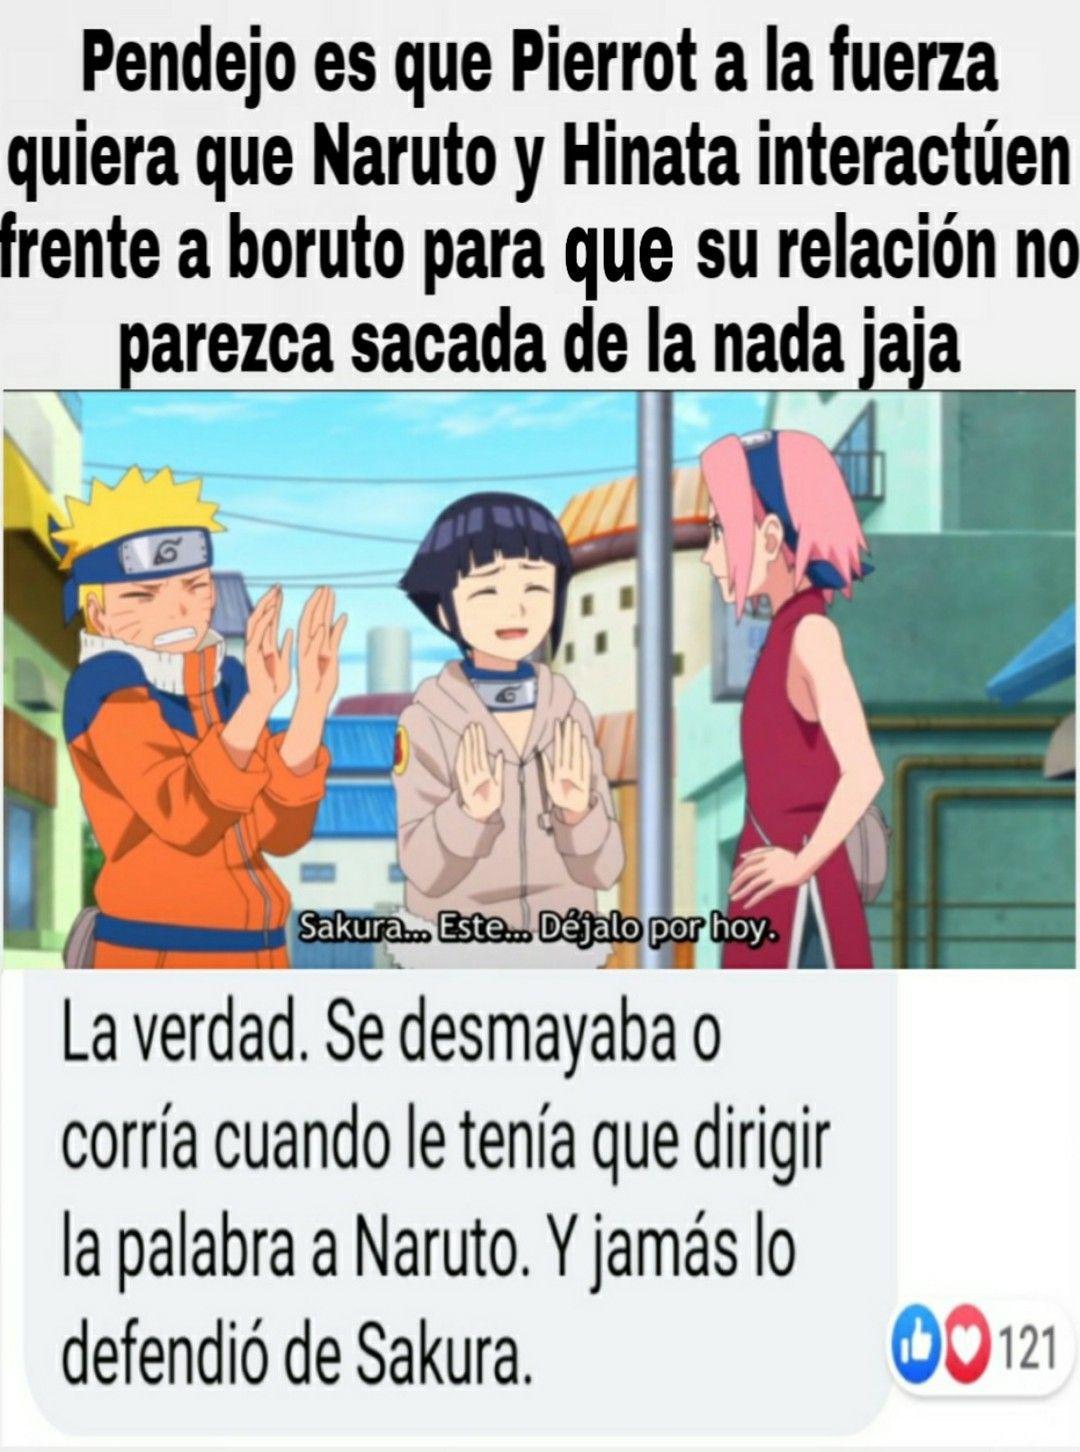 Pin De Dania Aguilar En Memes Naruto Boruto Personajes De Naruto Shippuden Memes Divertidos Momentos Divertidos De Naruto